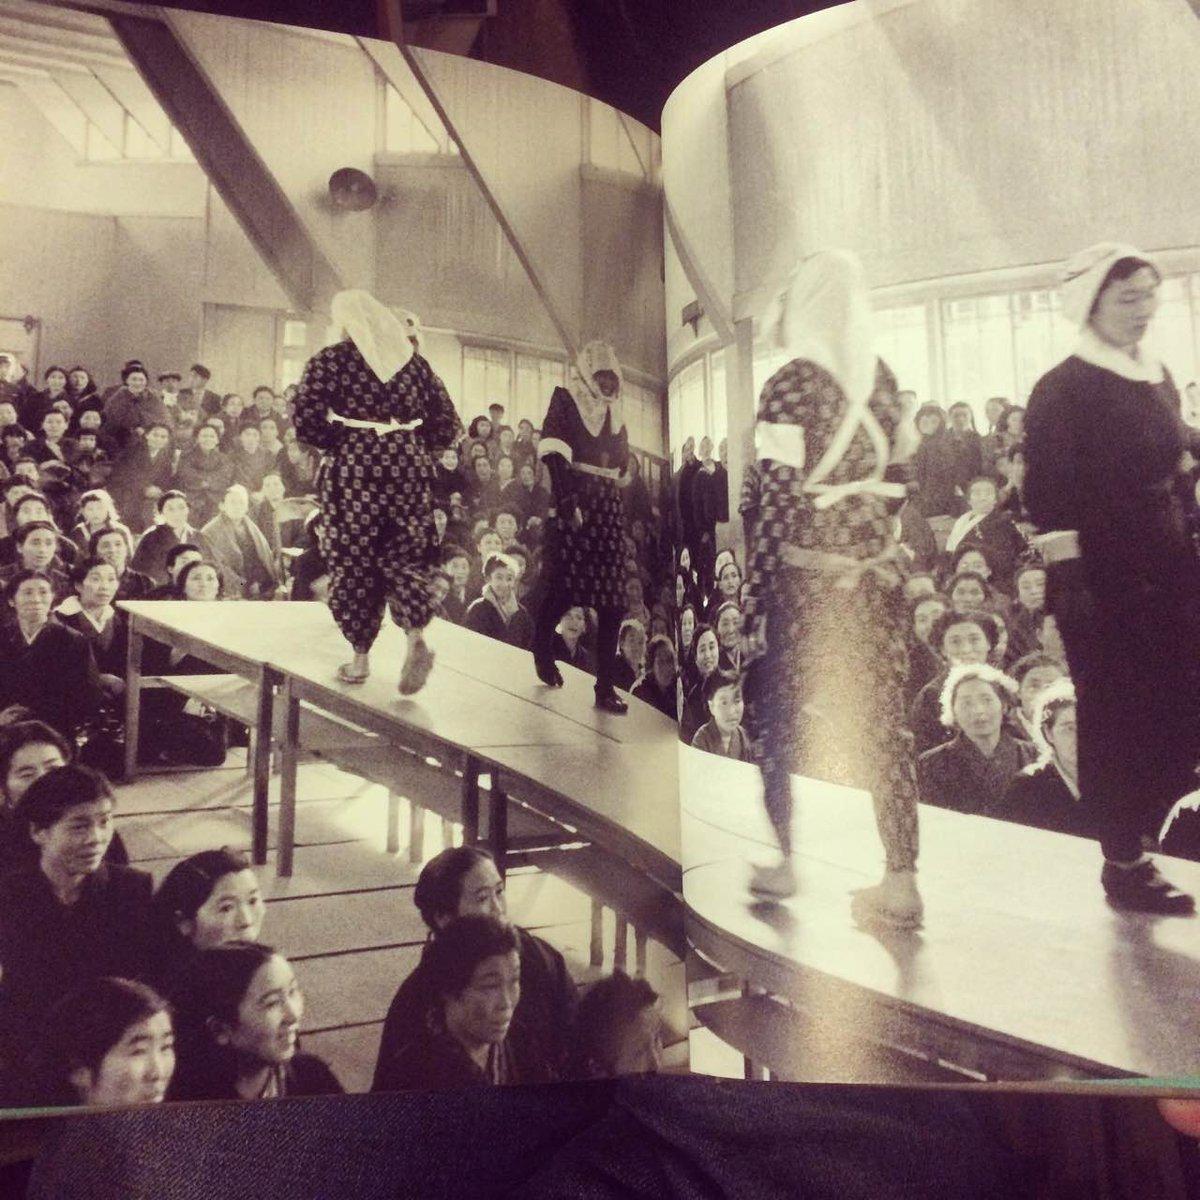 この「農協婦人部による改良作業着ファッションショー」昭和30。って何回見ても飽きない良い写真だと思います! http://t.co/TNMOSMrkKS